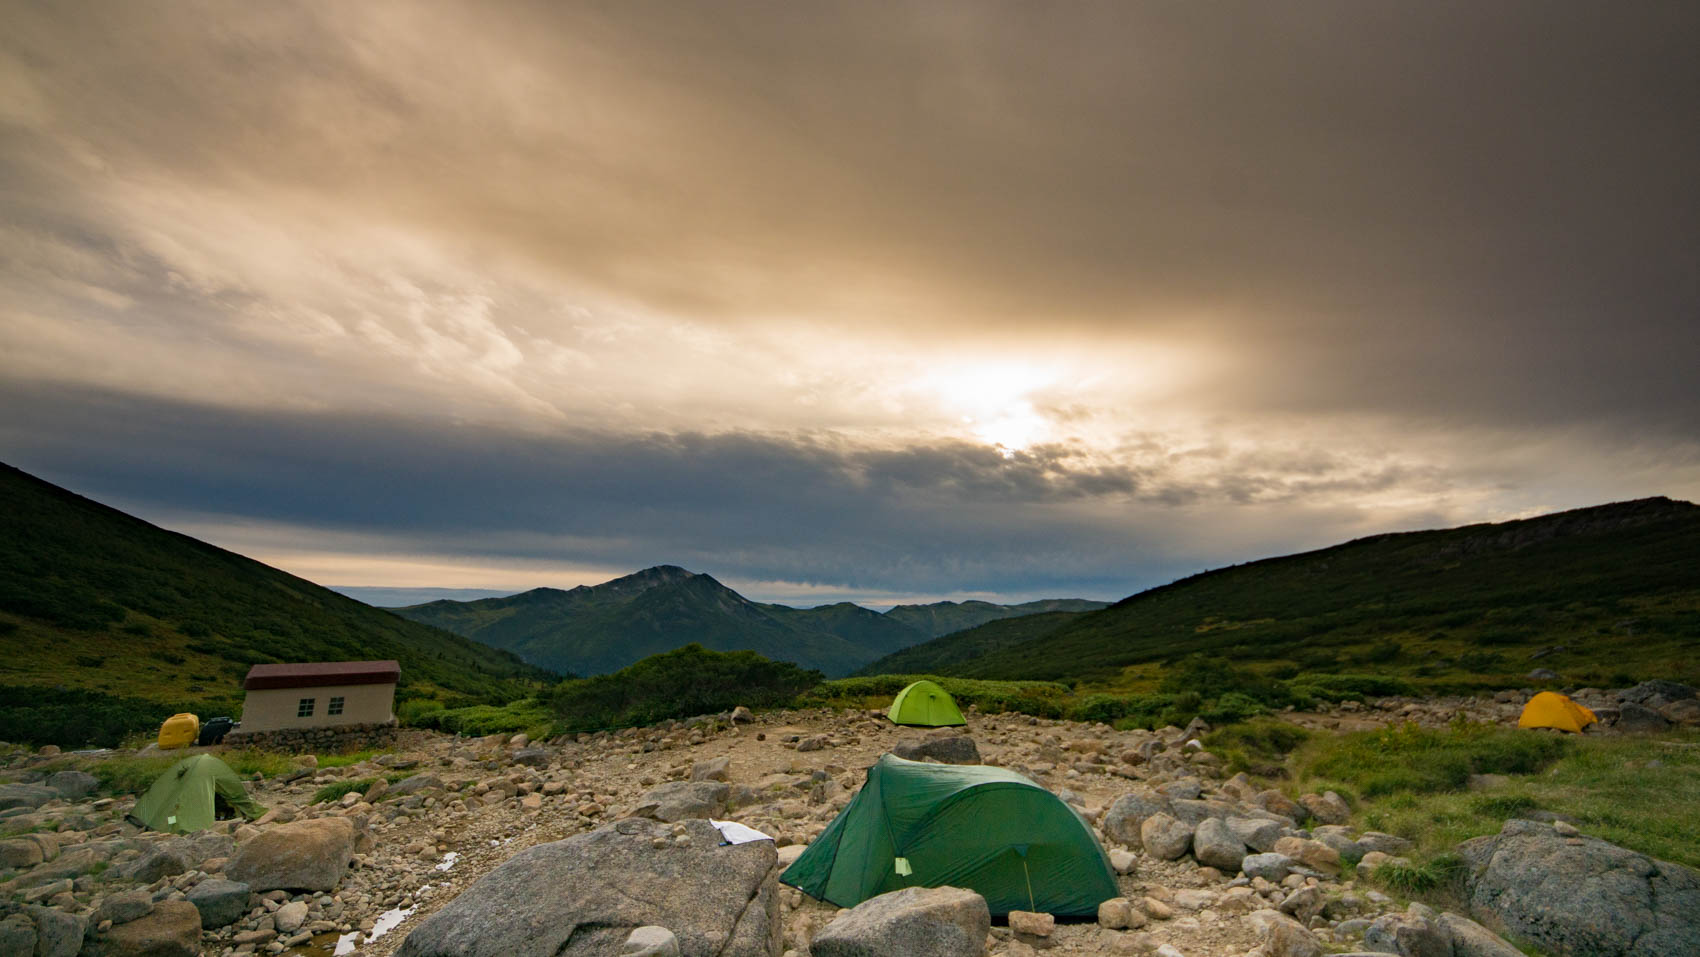 ノ平キャンプ場